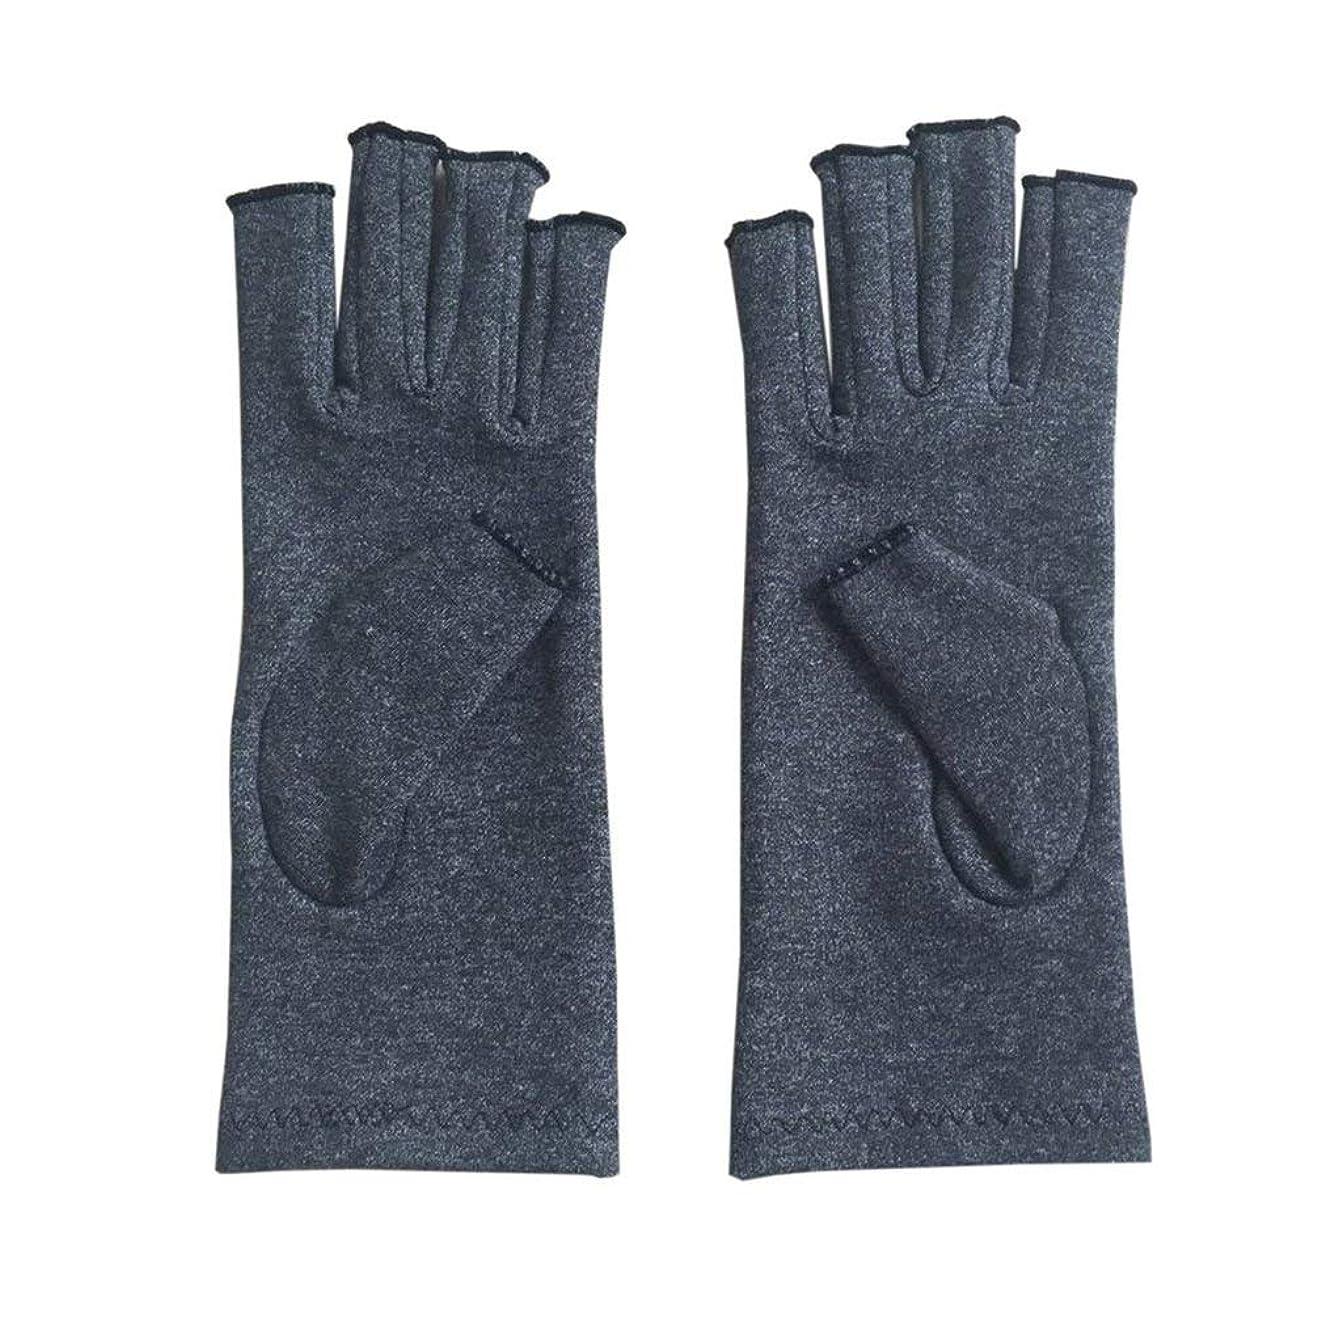 に勝るセール開業医ペア/セットの快適な男性の女性療法の圧縮手袋無地の通気性関節炎の関節の痛みを軽減する手袋 - グレーS